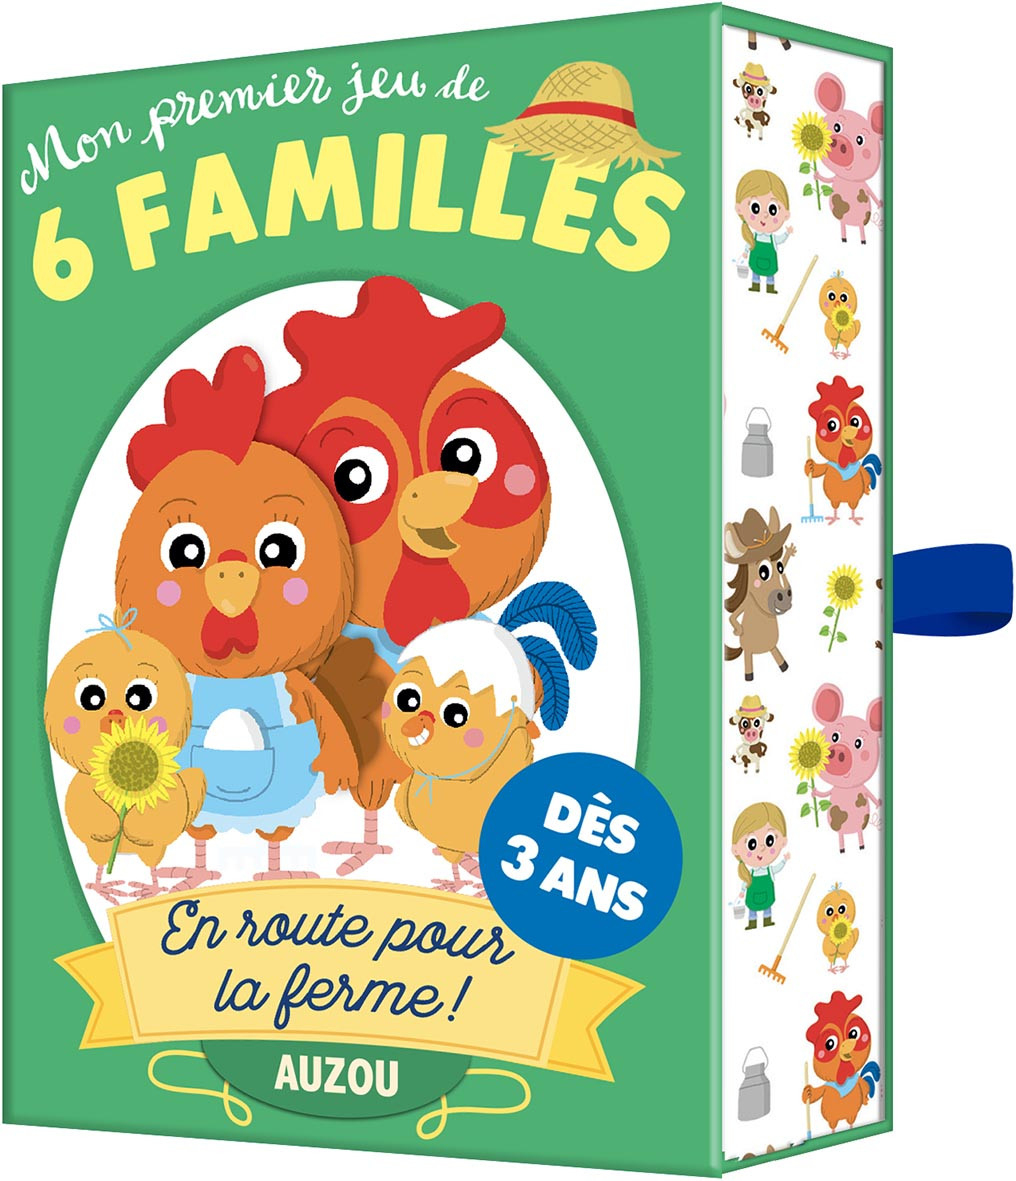 Jeunesse Mon Premier Jeu De 6 Familles En Route Pour La Ferme! |  Cartotheque encequiconcerne Jeu Chasse Taupe